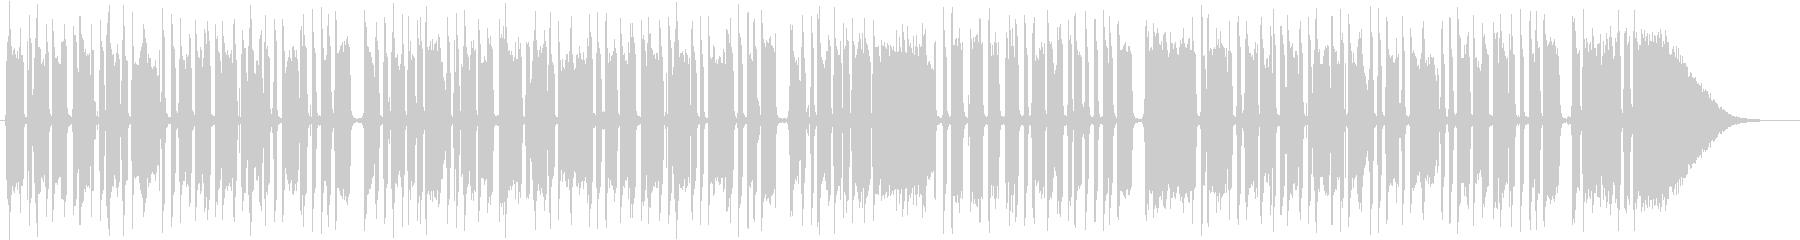 ブルースエレキギター一本の未再生の波形